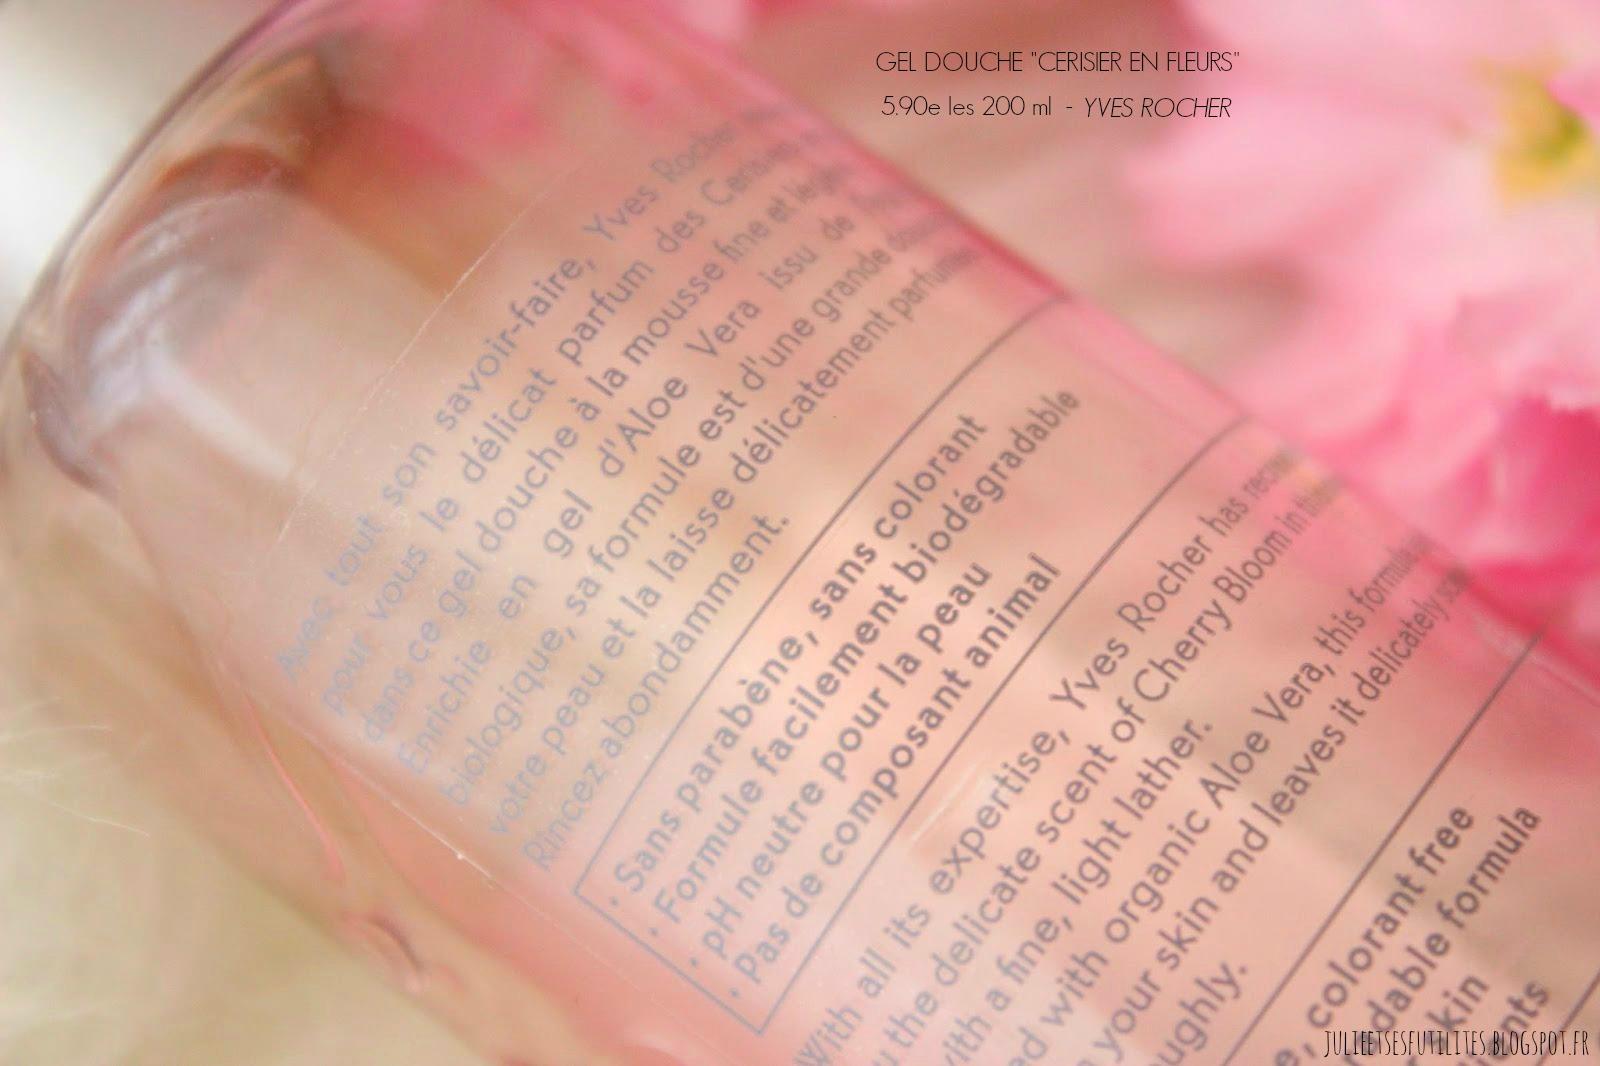 Toute La Delicatesse Du Parfum Des Cerisiers En Fleurs Avec Yves